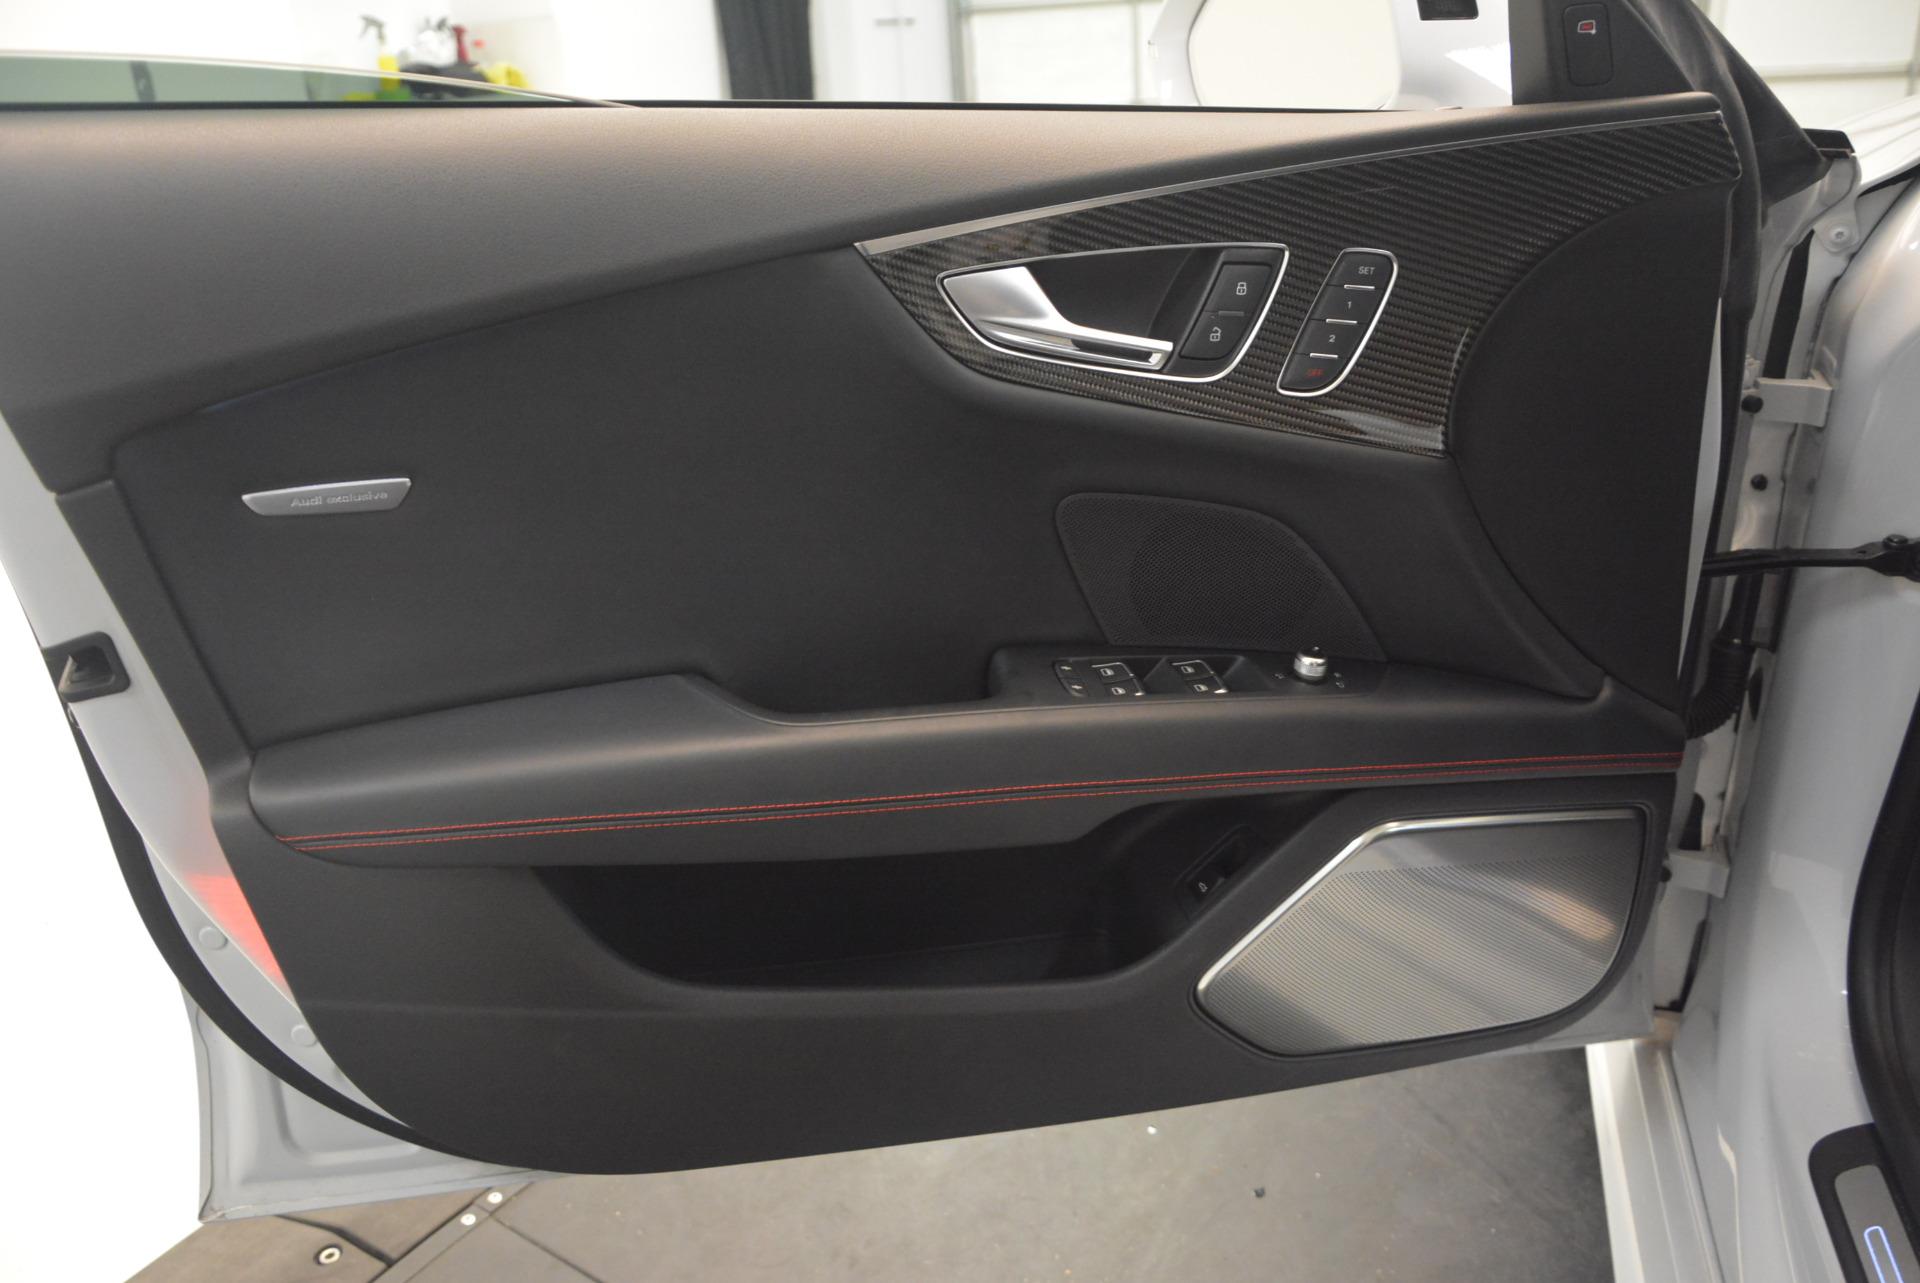 Used 2014 Audi RS 7 4.0T quattro Prestige For Sale In Greenwich, CT 1262_p22